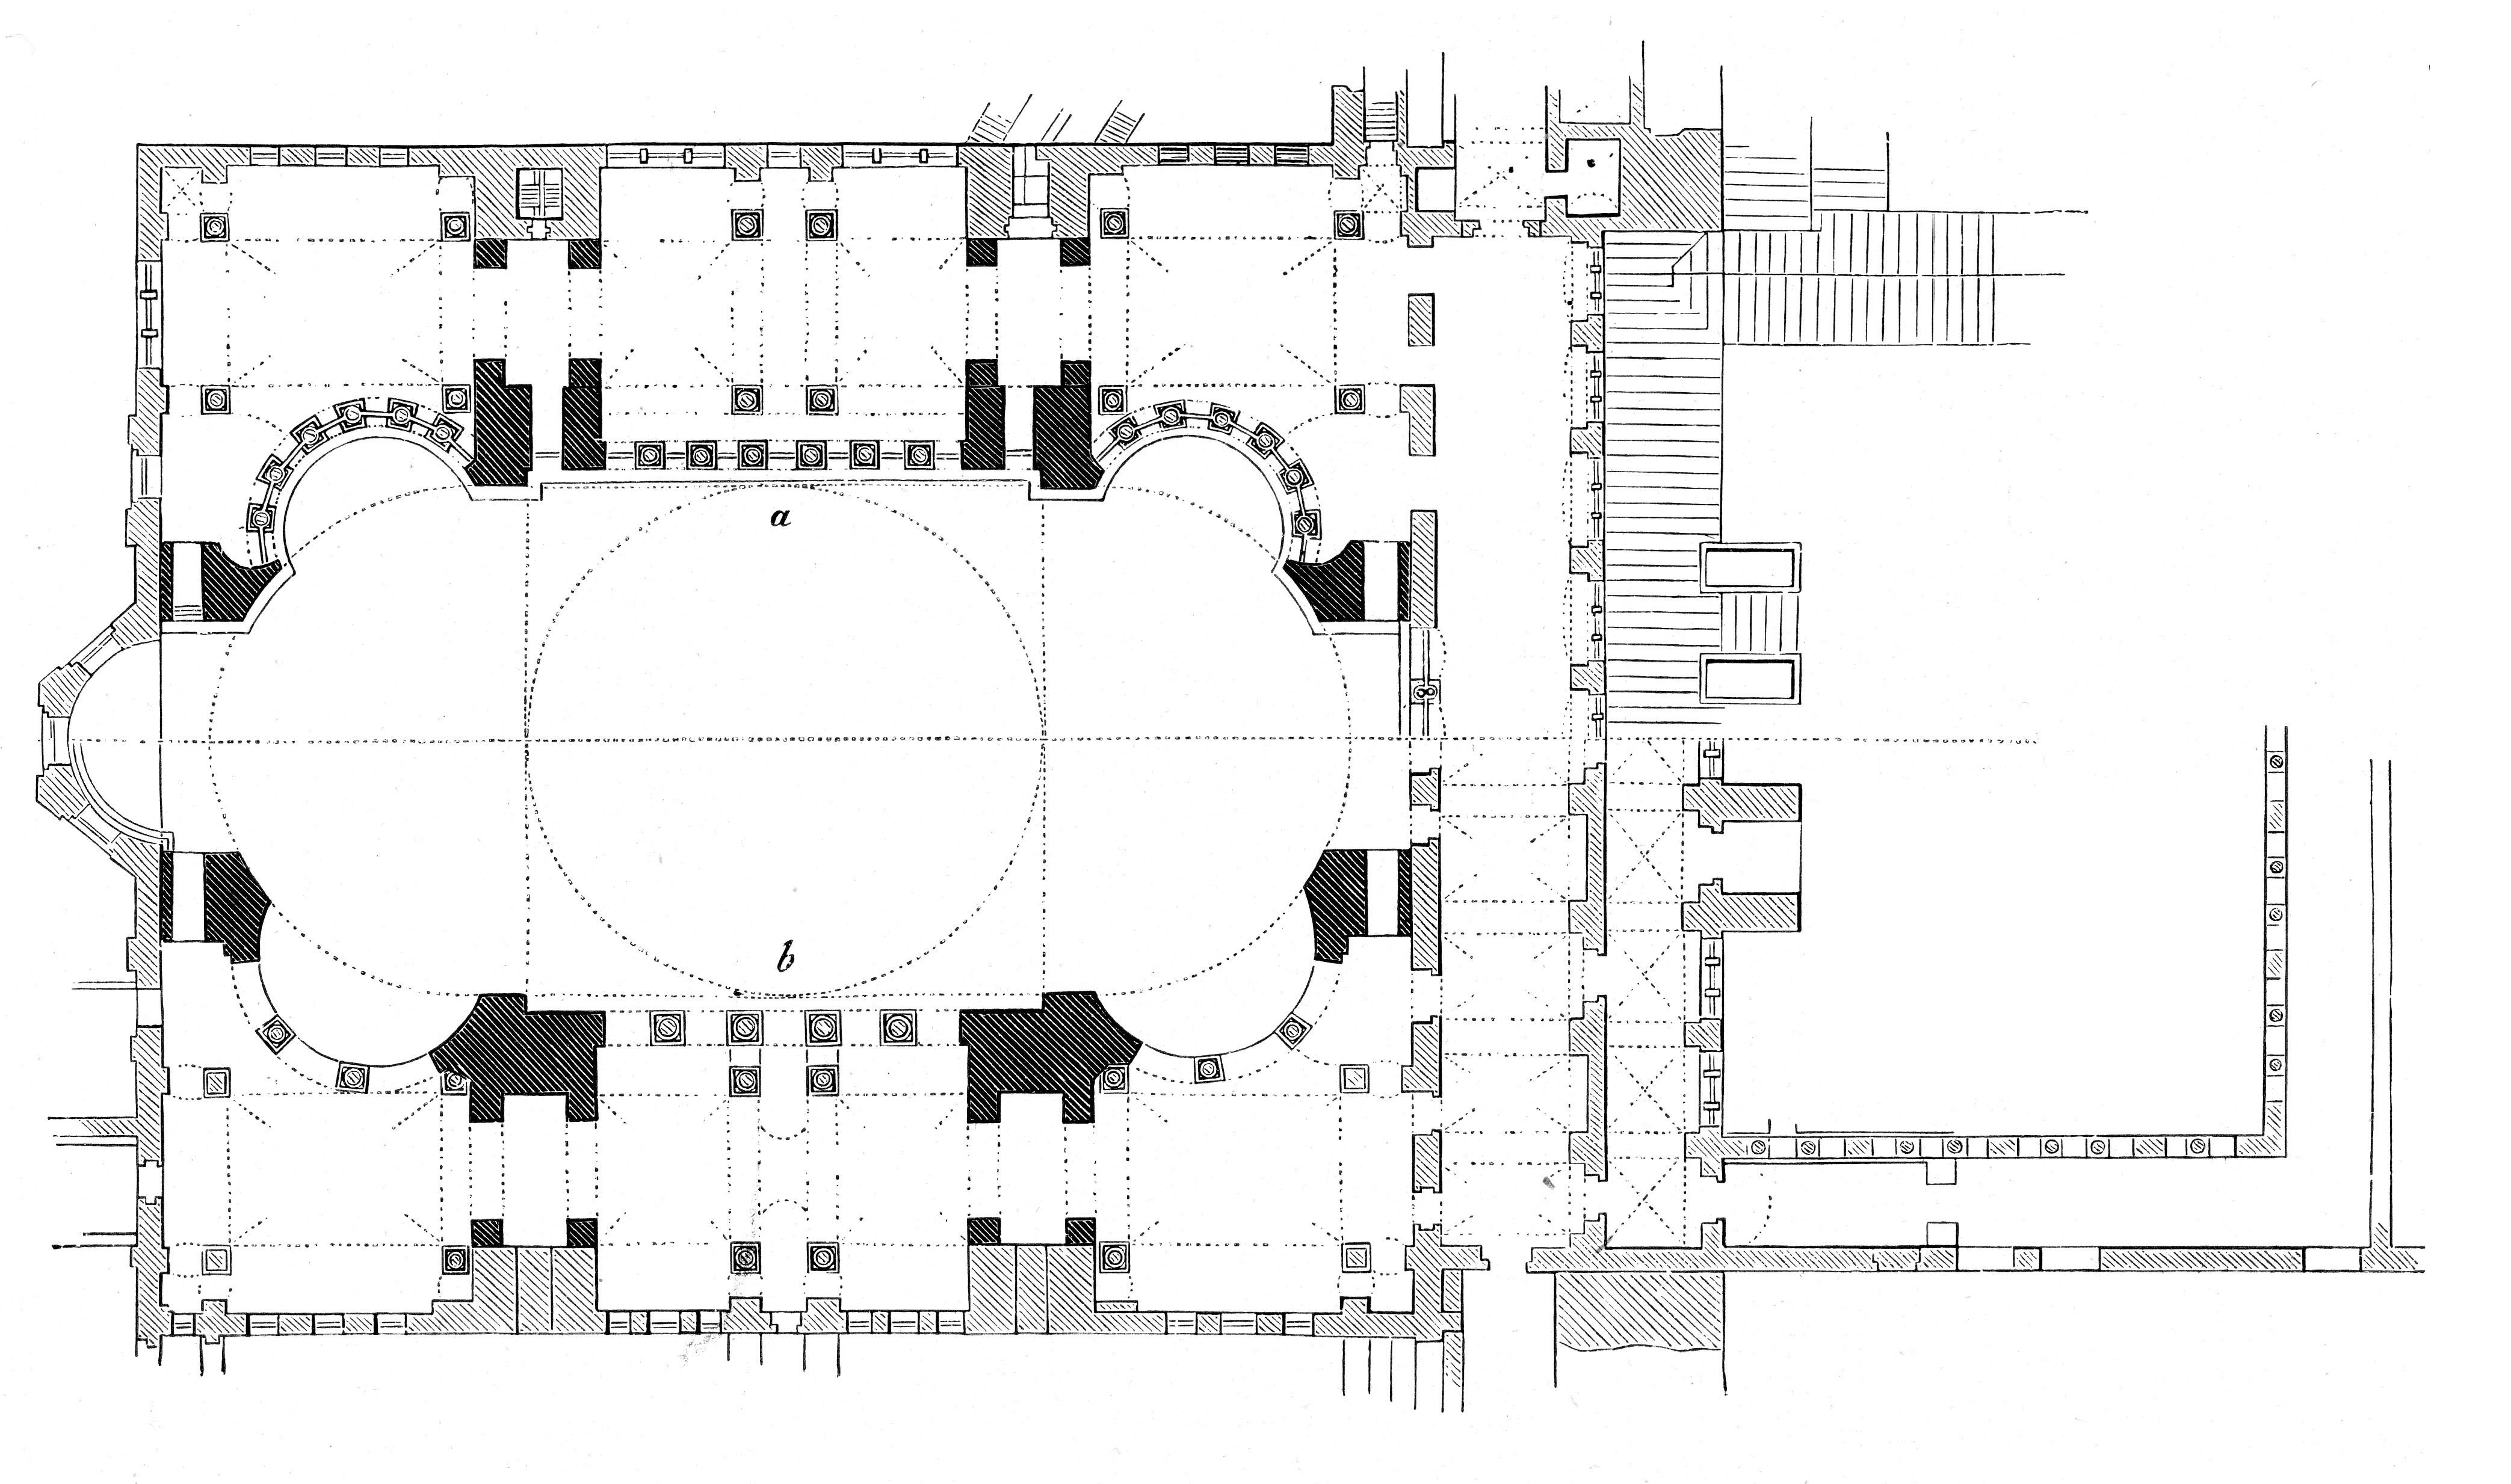 Groundplan of the Hagia Sophia